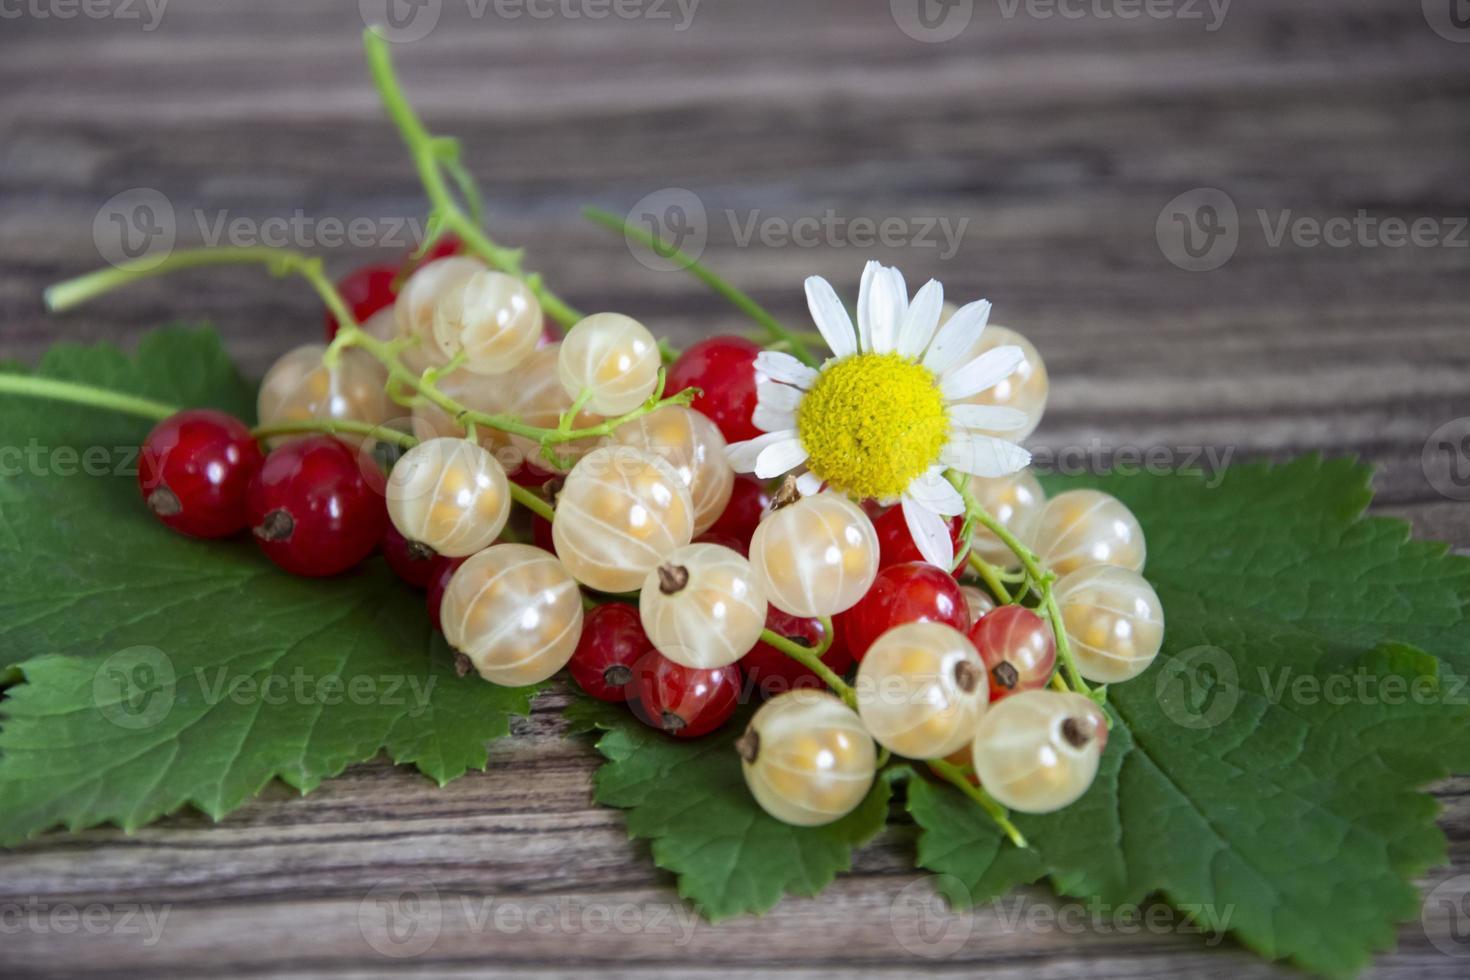 Johannisbeere Beeren Nahaufnahme. rote und weiße Johannisbeeren mit Kamillenblüten auf einem hölzernen Hintergrund. foto